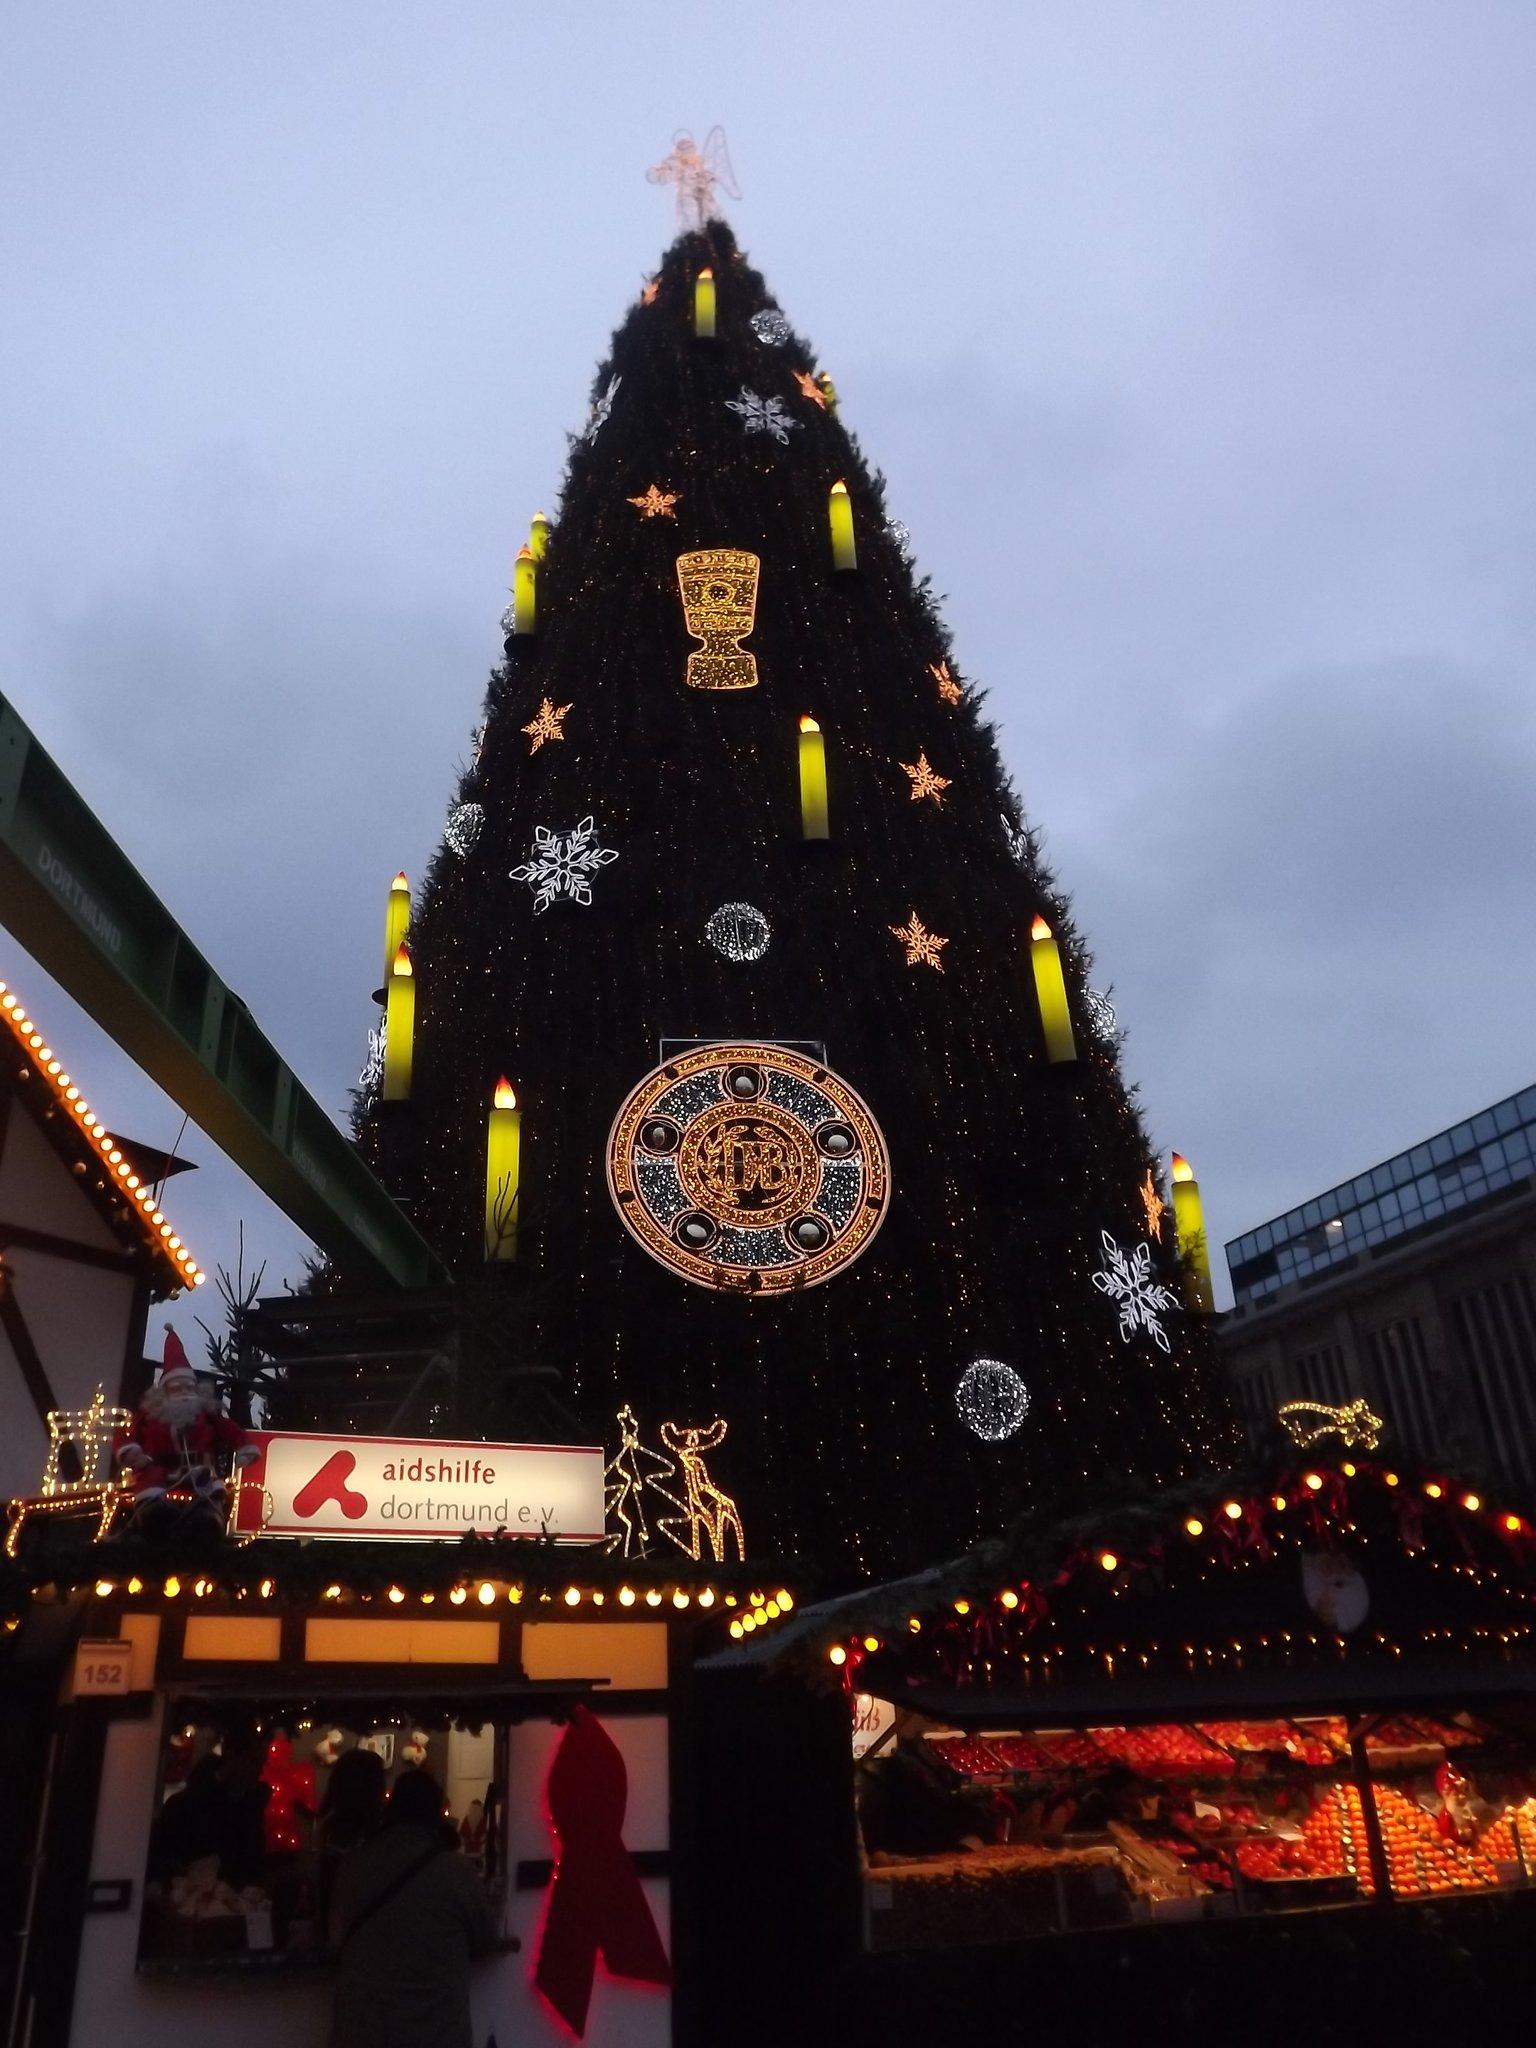 Dortmund Weihnachtsmarkt.Dortmunder Weihnachtsmarkt 2012 Dortmund City